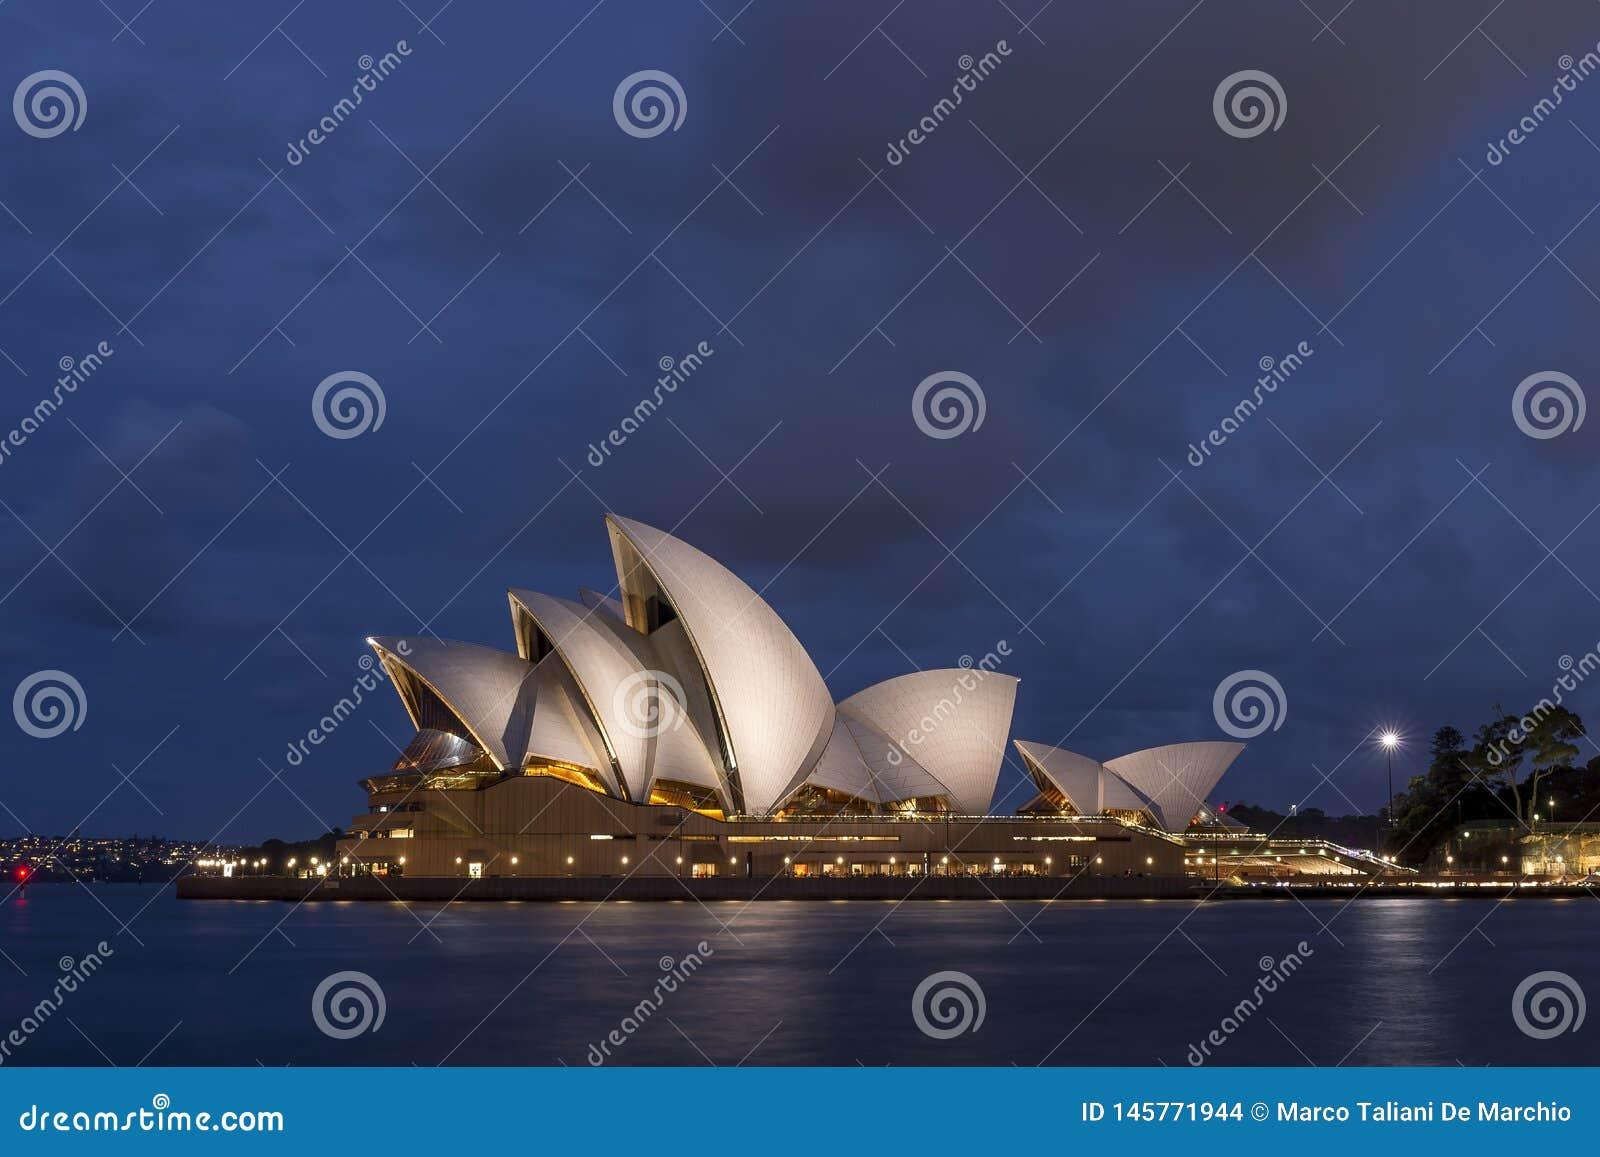 Mooi die Sydney Opera House door het blauwe uurlicht wordt aangestoken, Australië